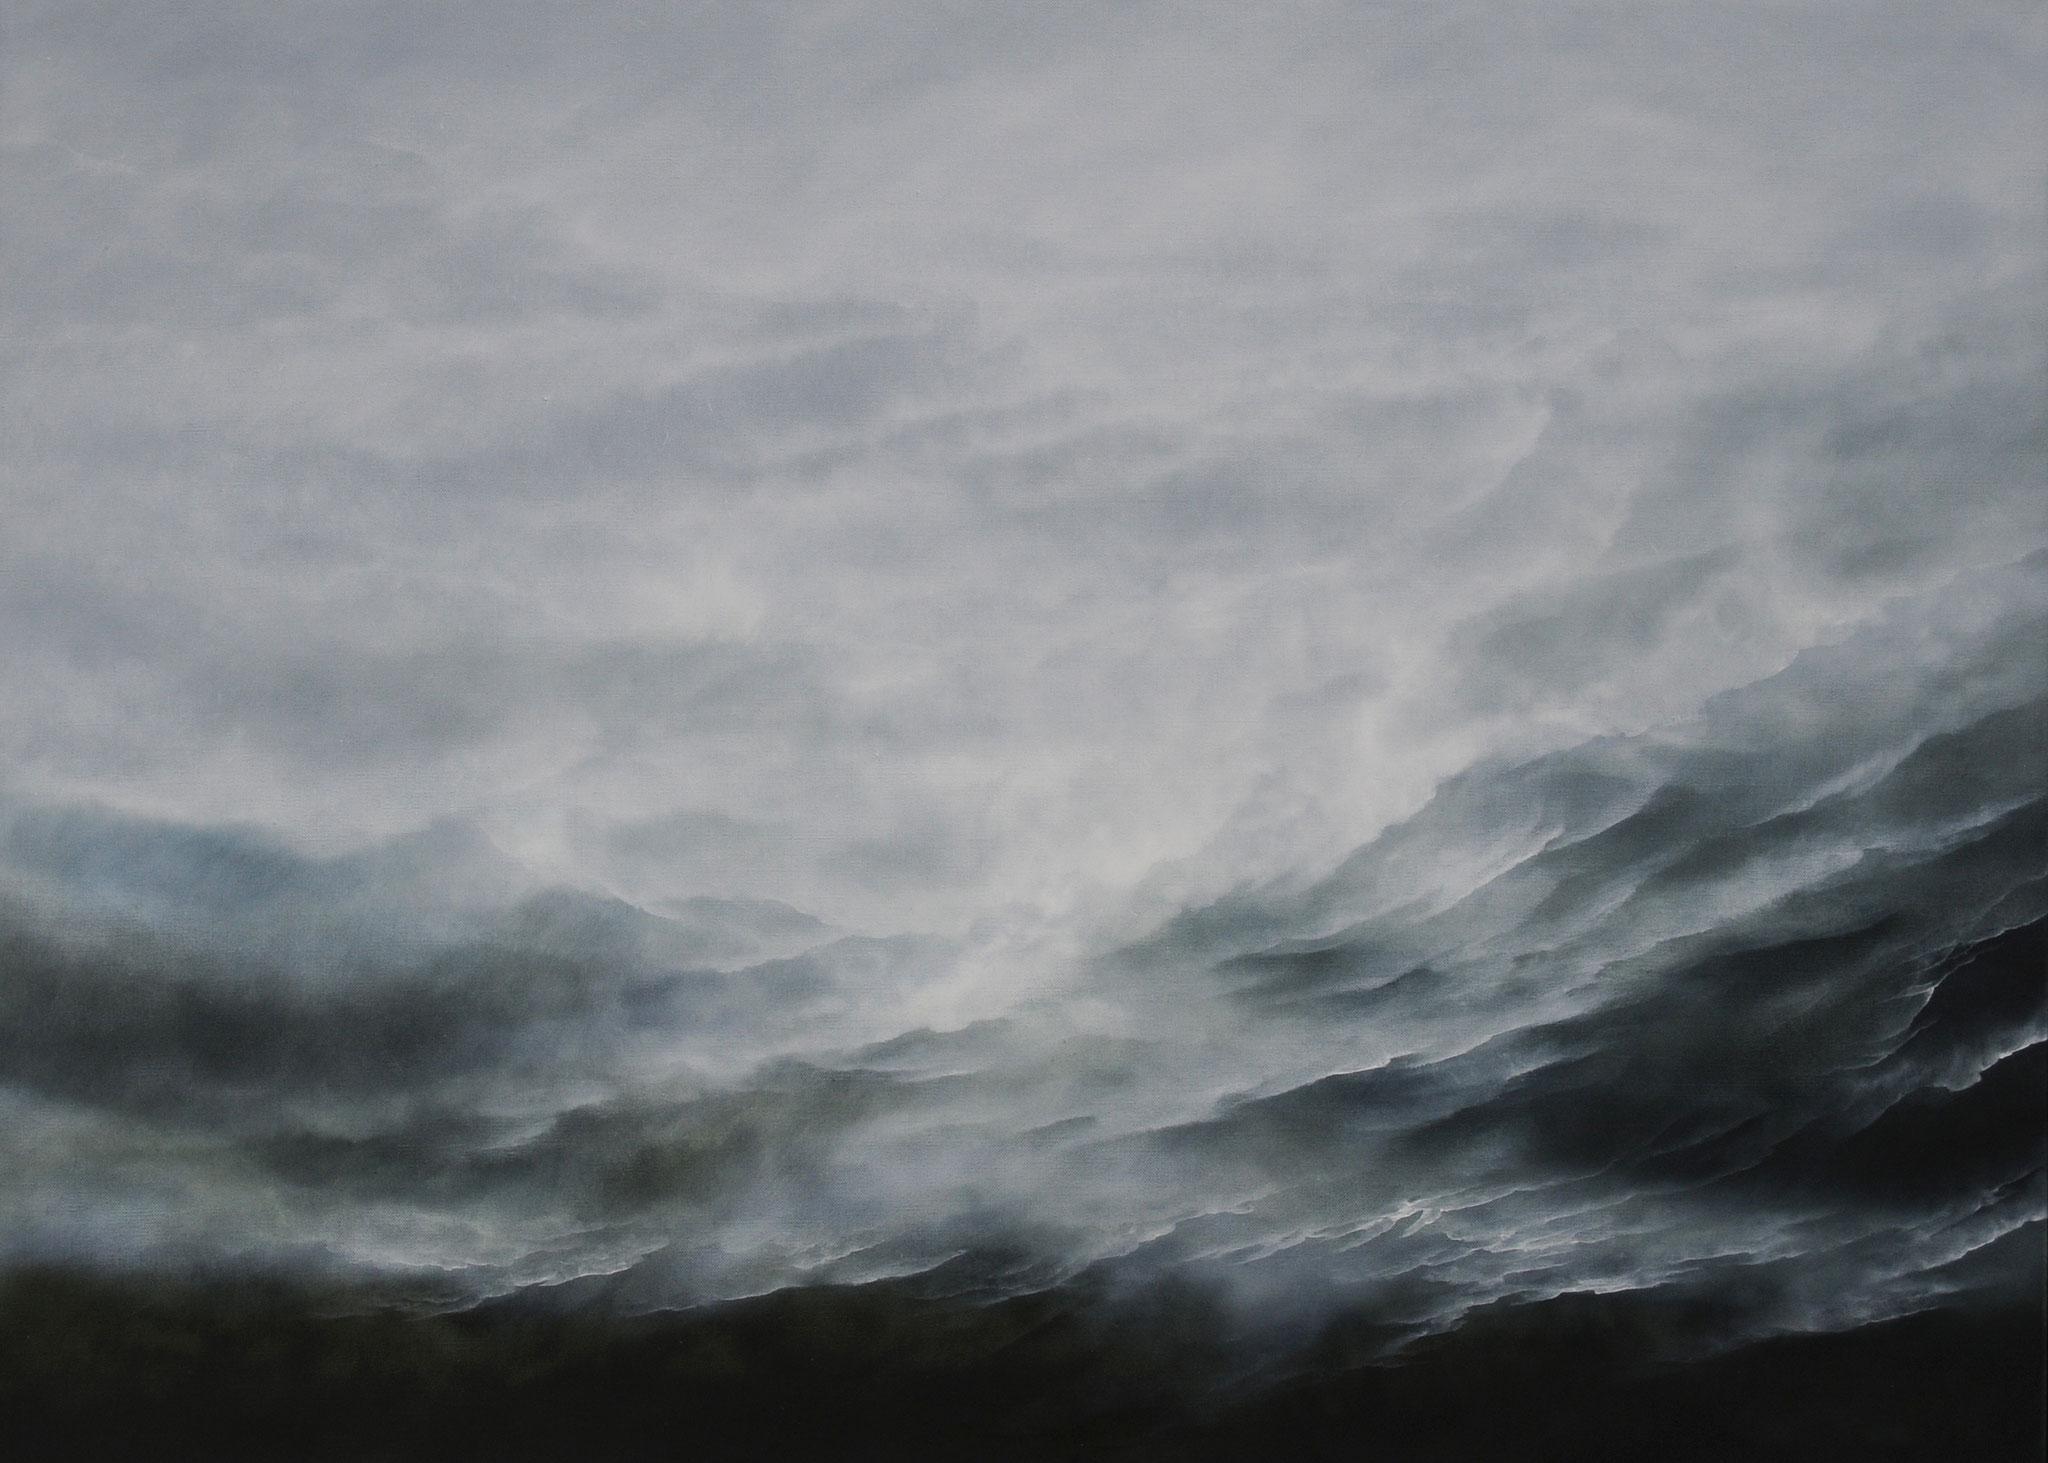 LANDSCHAFTSKOMPOSITION 1, 2017, Öl/Lwd., 100 x 140cm